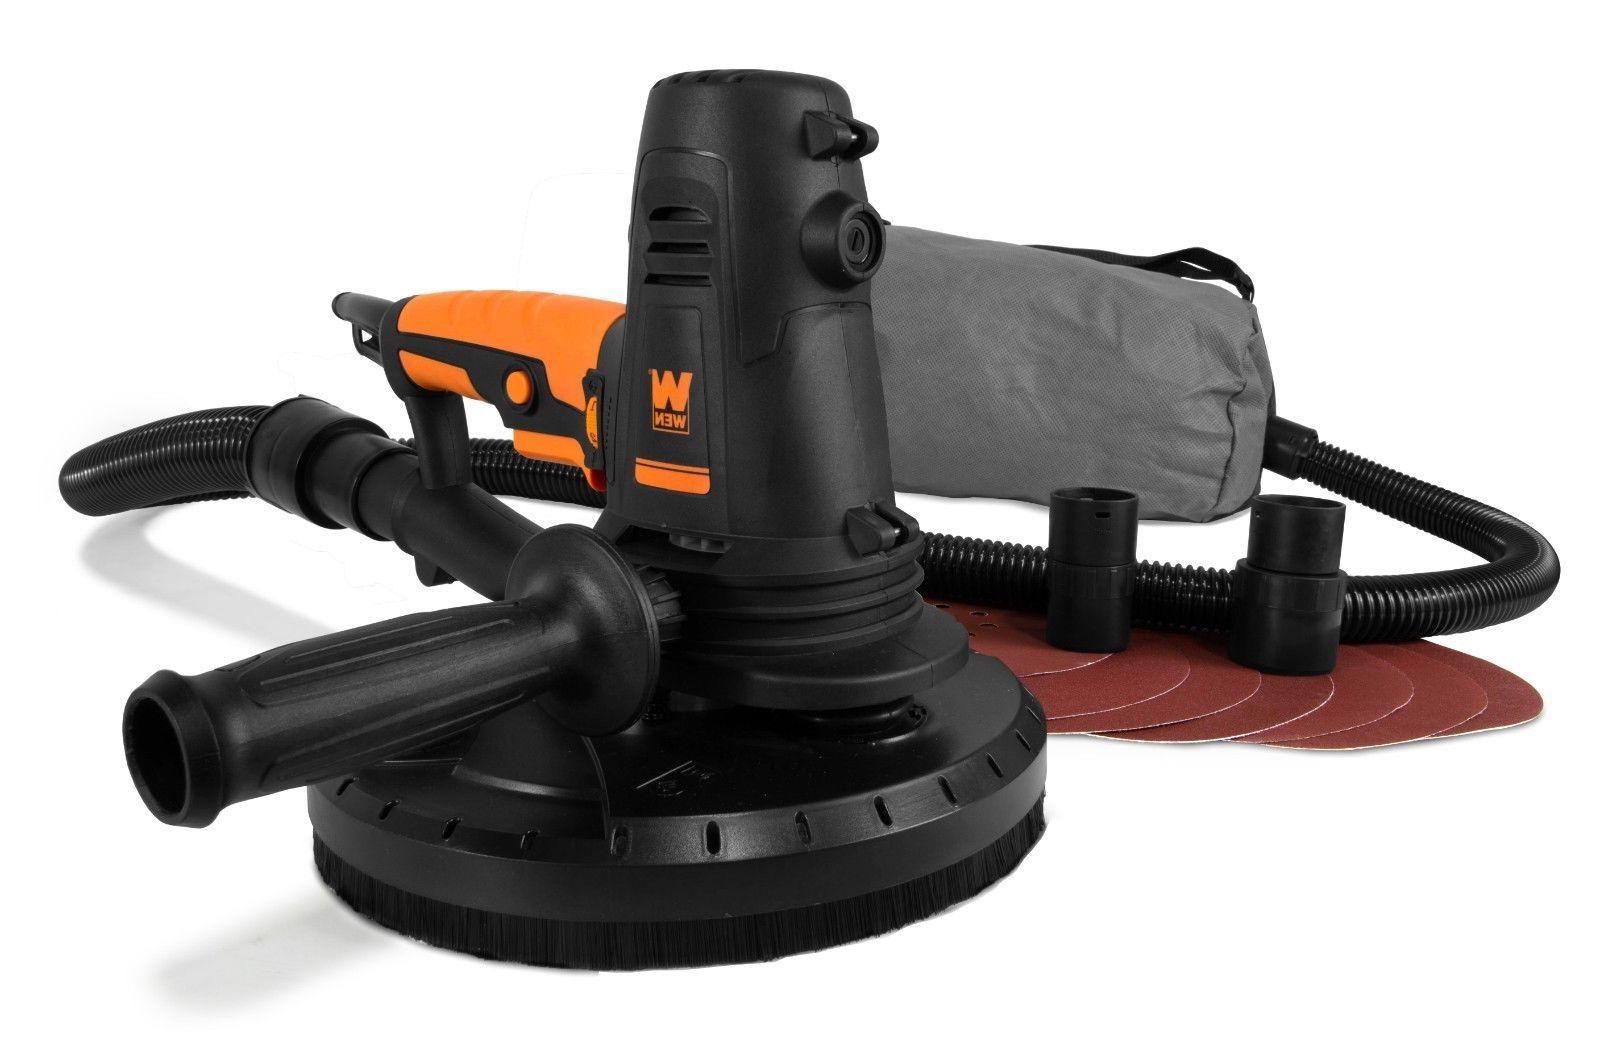 6362 10 amp variable speed handheld drywall